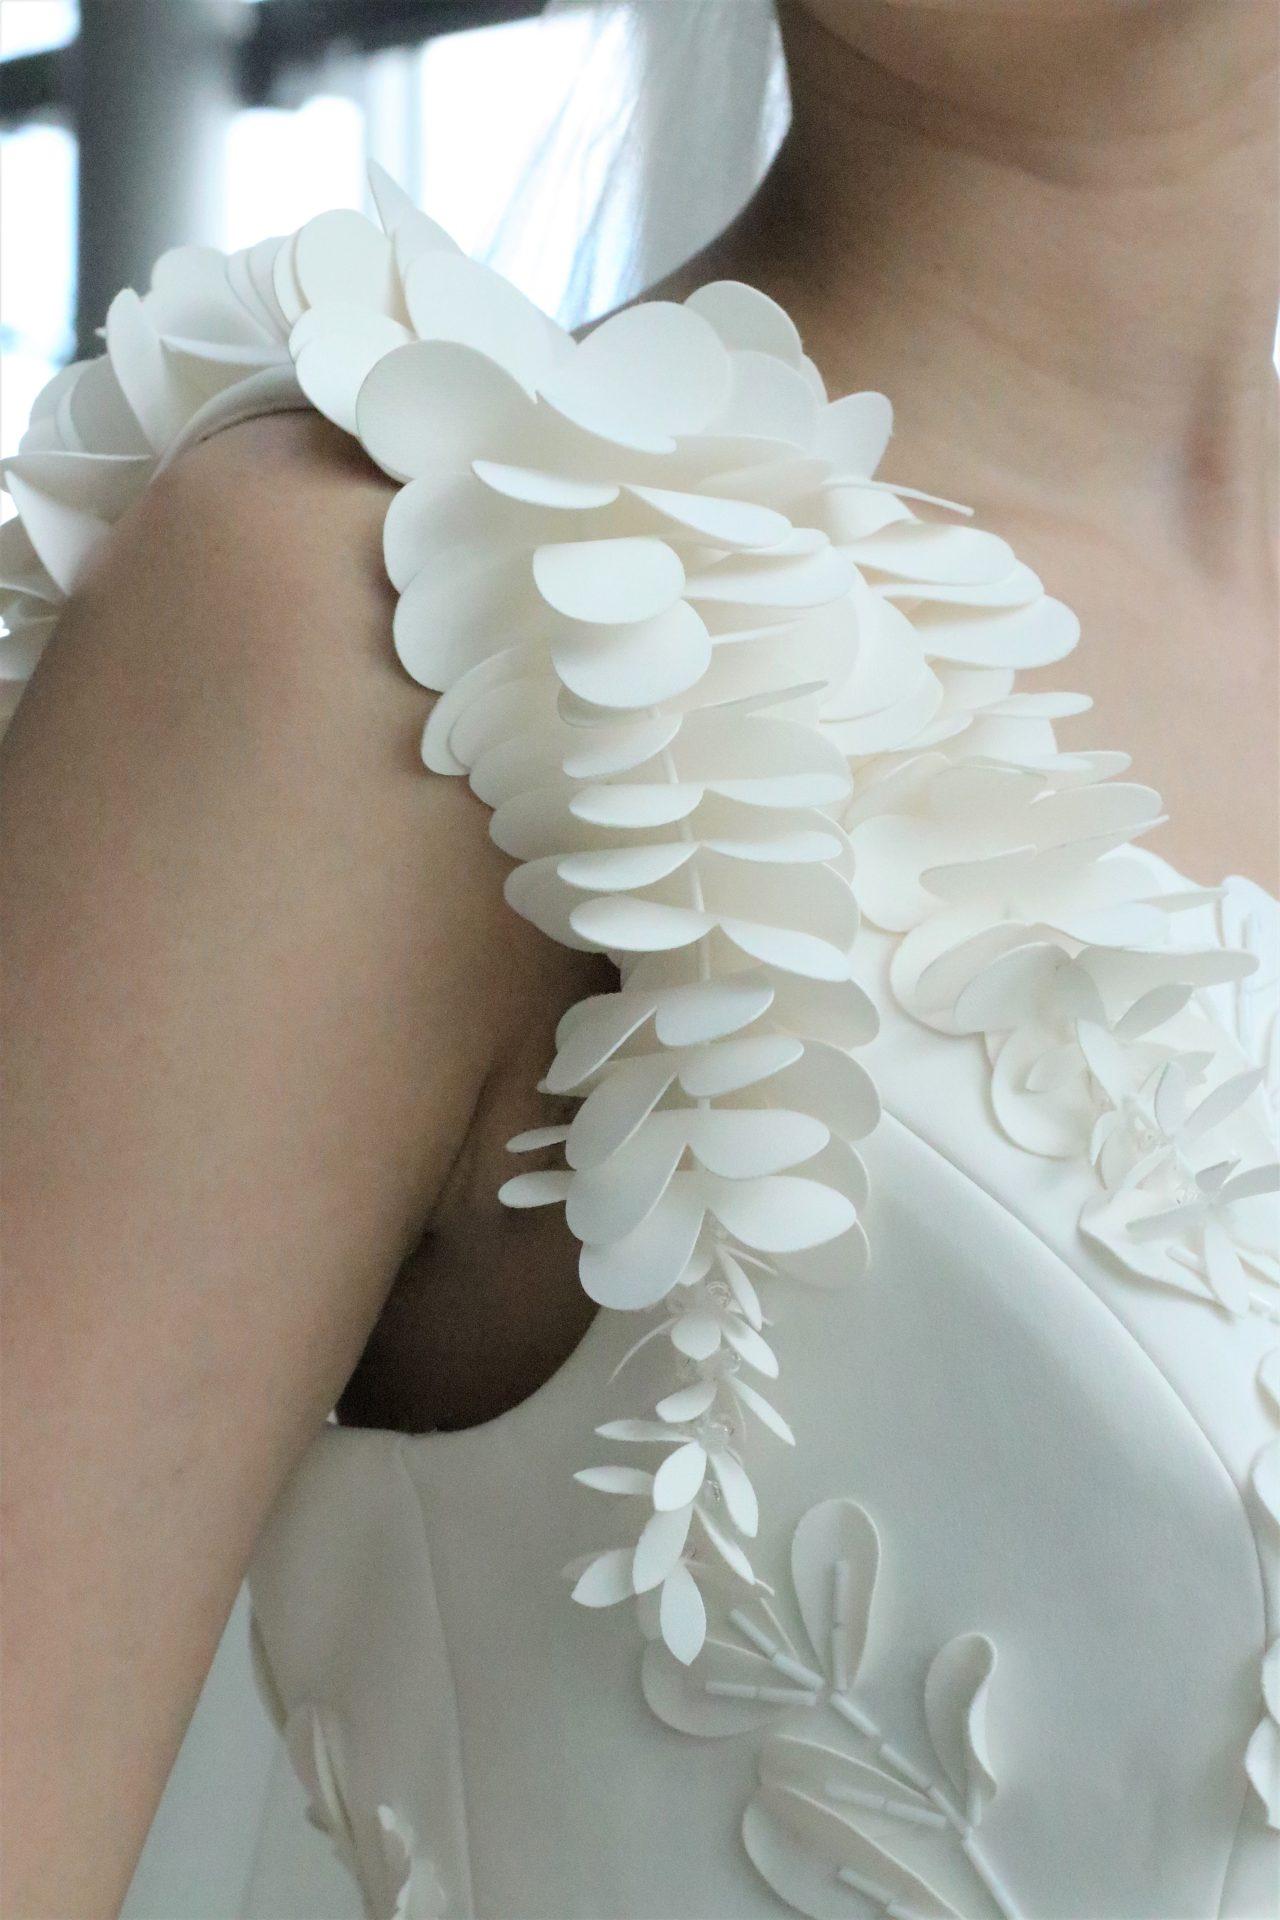 TOMO KOIZUMIとのコラボレーションで世界中の注目を浴びる日本のドレスショップ、ザ・トリート・ドレッシングに入荷したのは、ショルダーに藤の花びらが揺れ動くようなデザインが印象的なヴィクターアンドロルフマリアージュの新作ウェディングドレスです